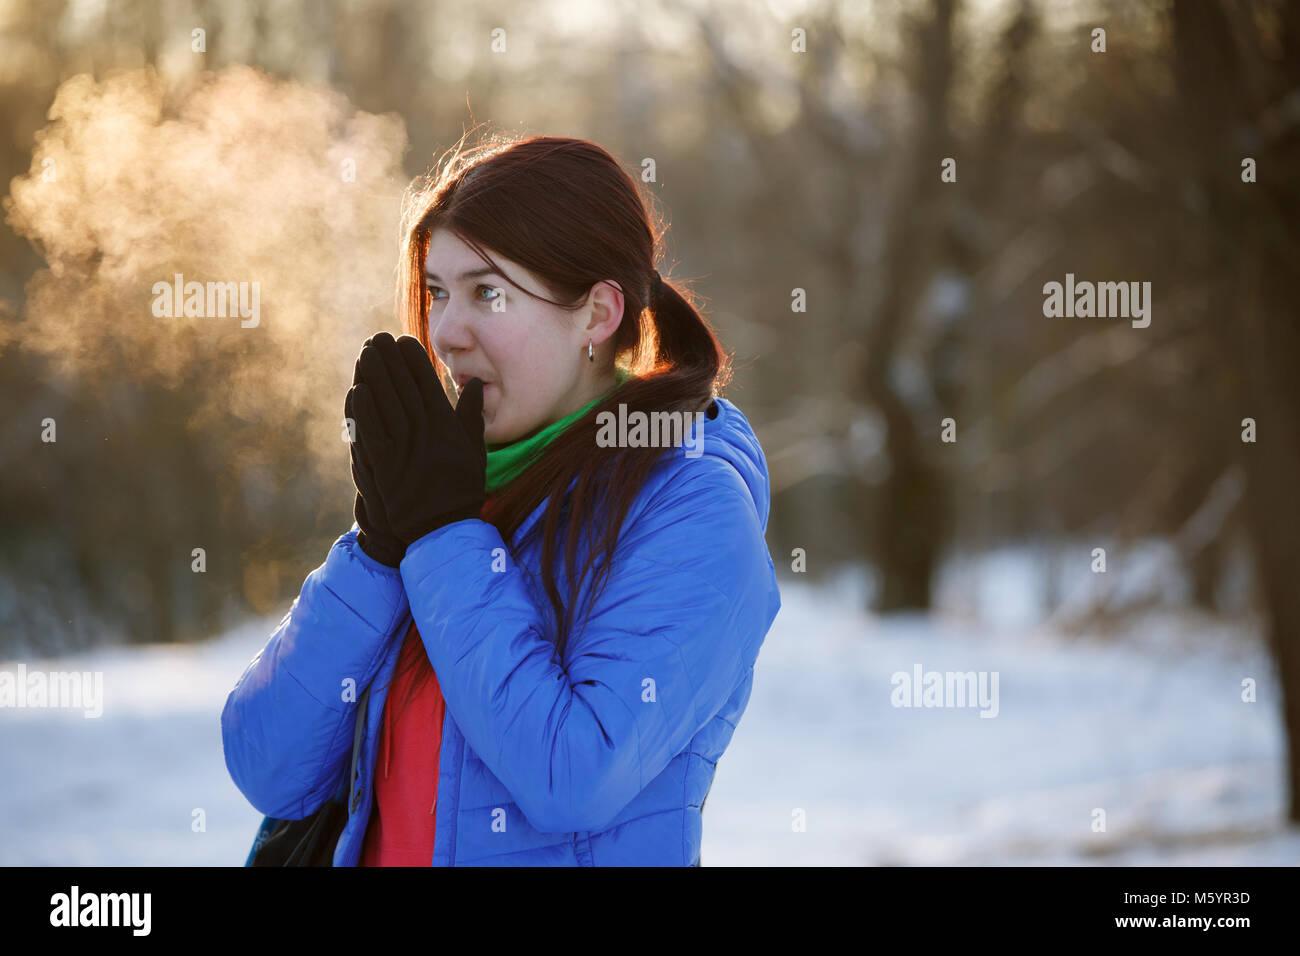 Foto von sportliche Frau die Hände wärmen im Winter Wald Stockbild